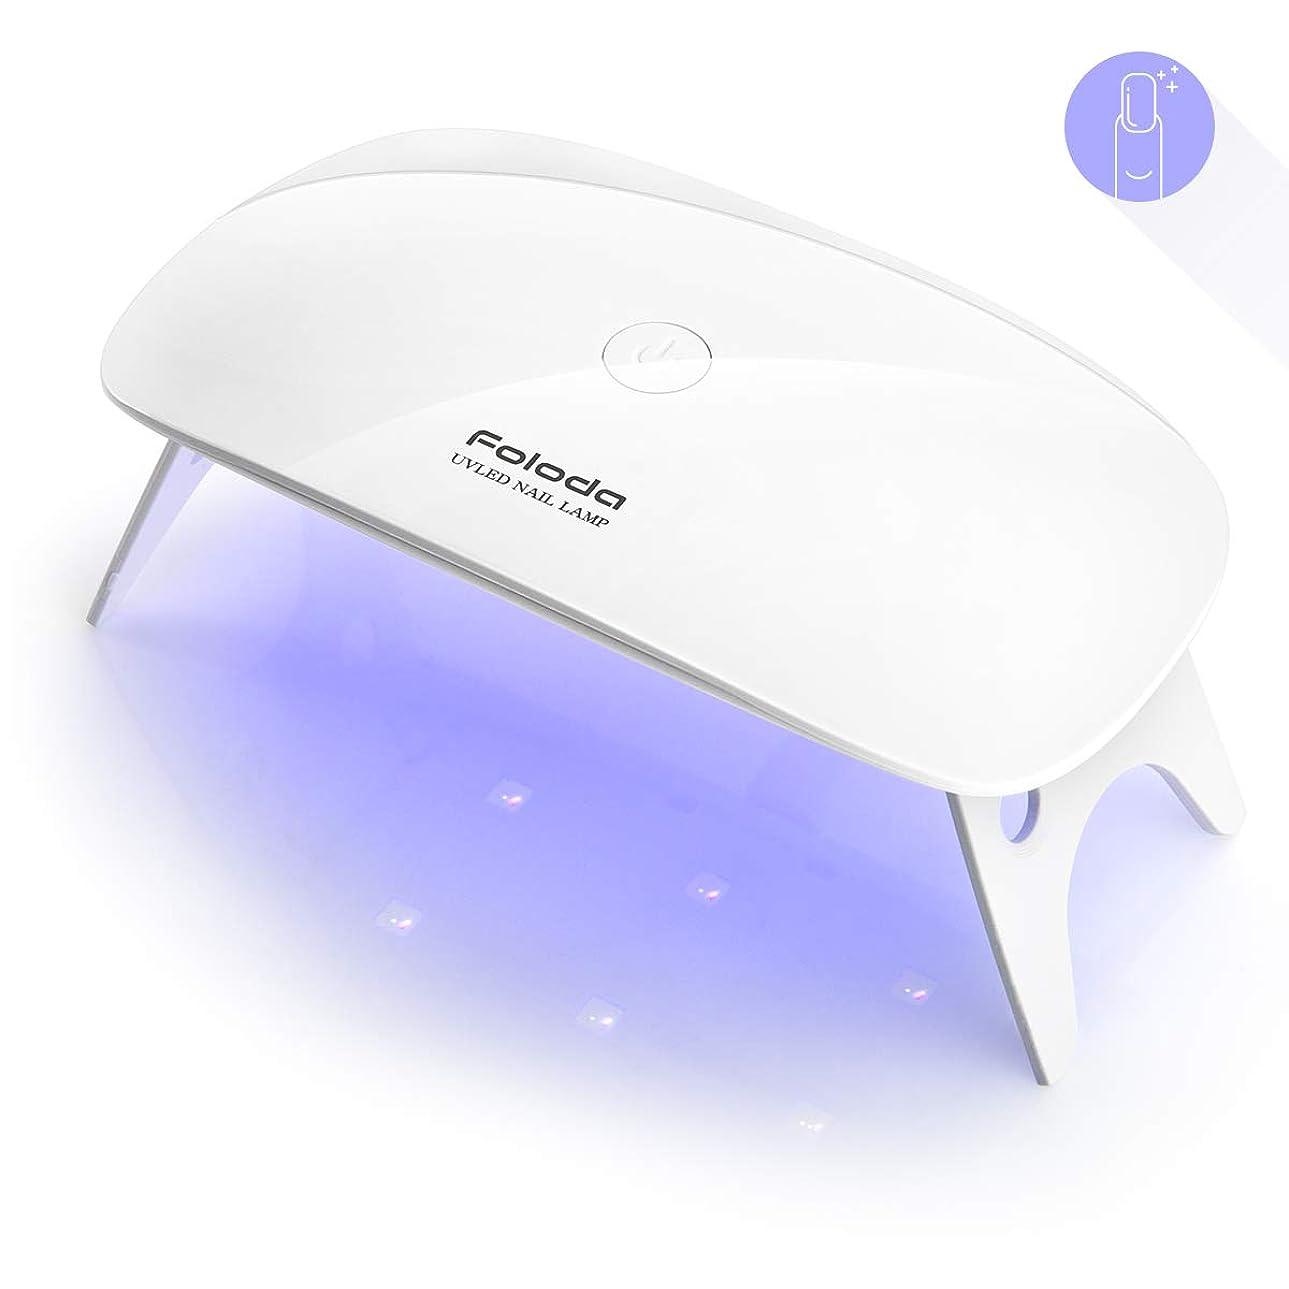 過剰相反する箱LEDネイルドライヤー UVライト Foloda タイマー設定可能 折りたたみ式手足とも使える 人感センサー式 LED 硬化ライト UV と LEDダブルライト ジェルネイル用 ホワイト (white)